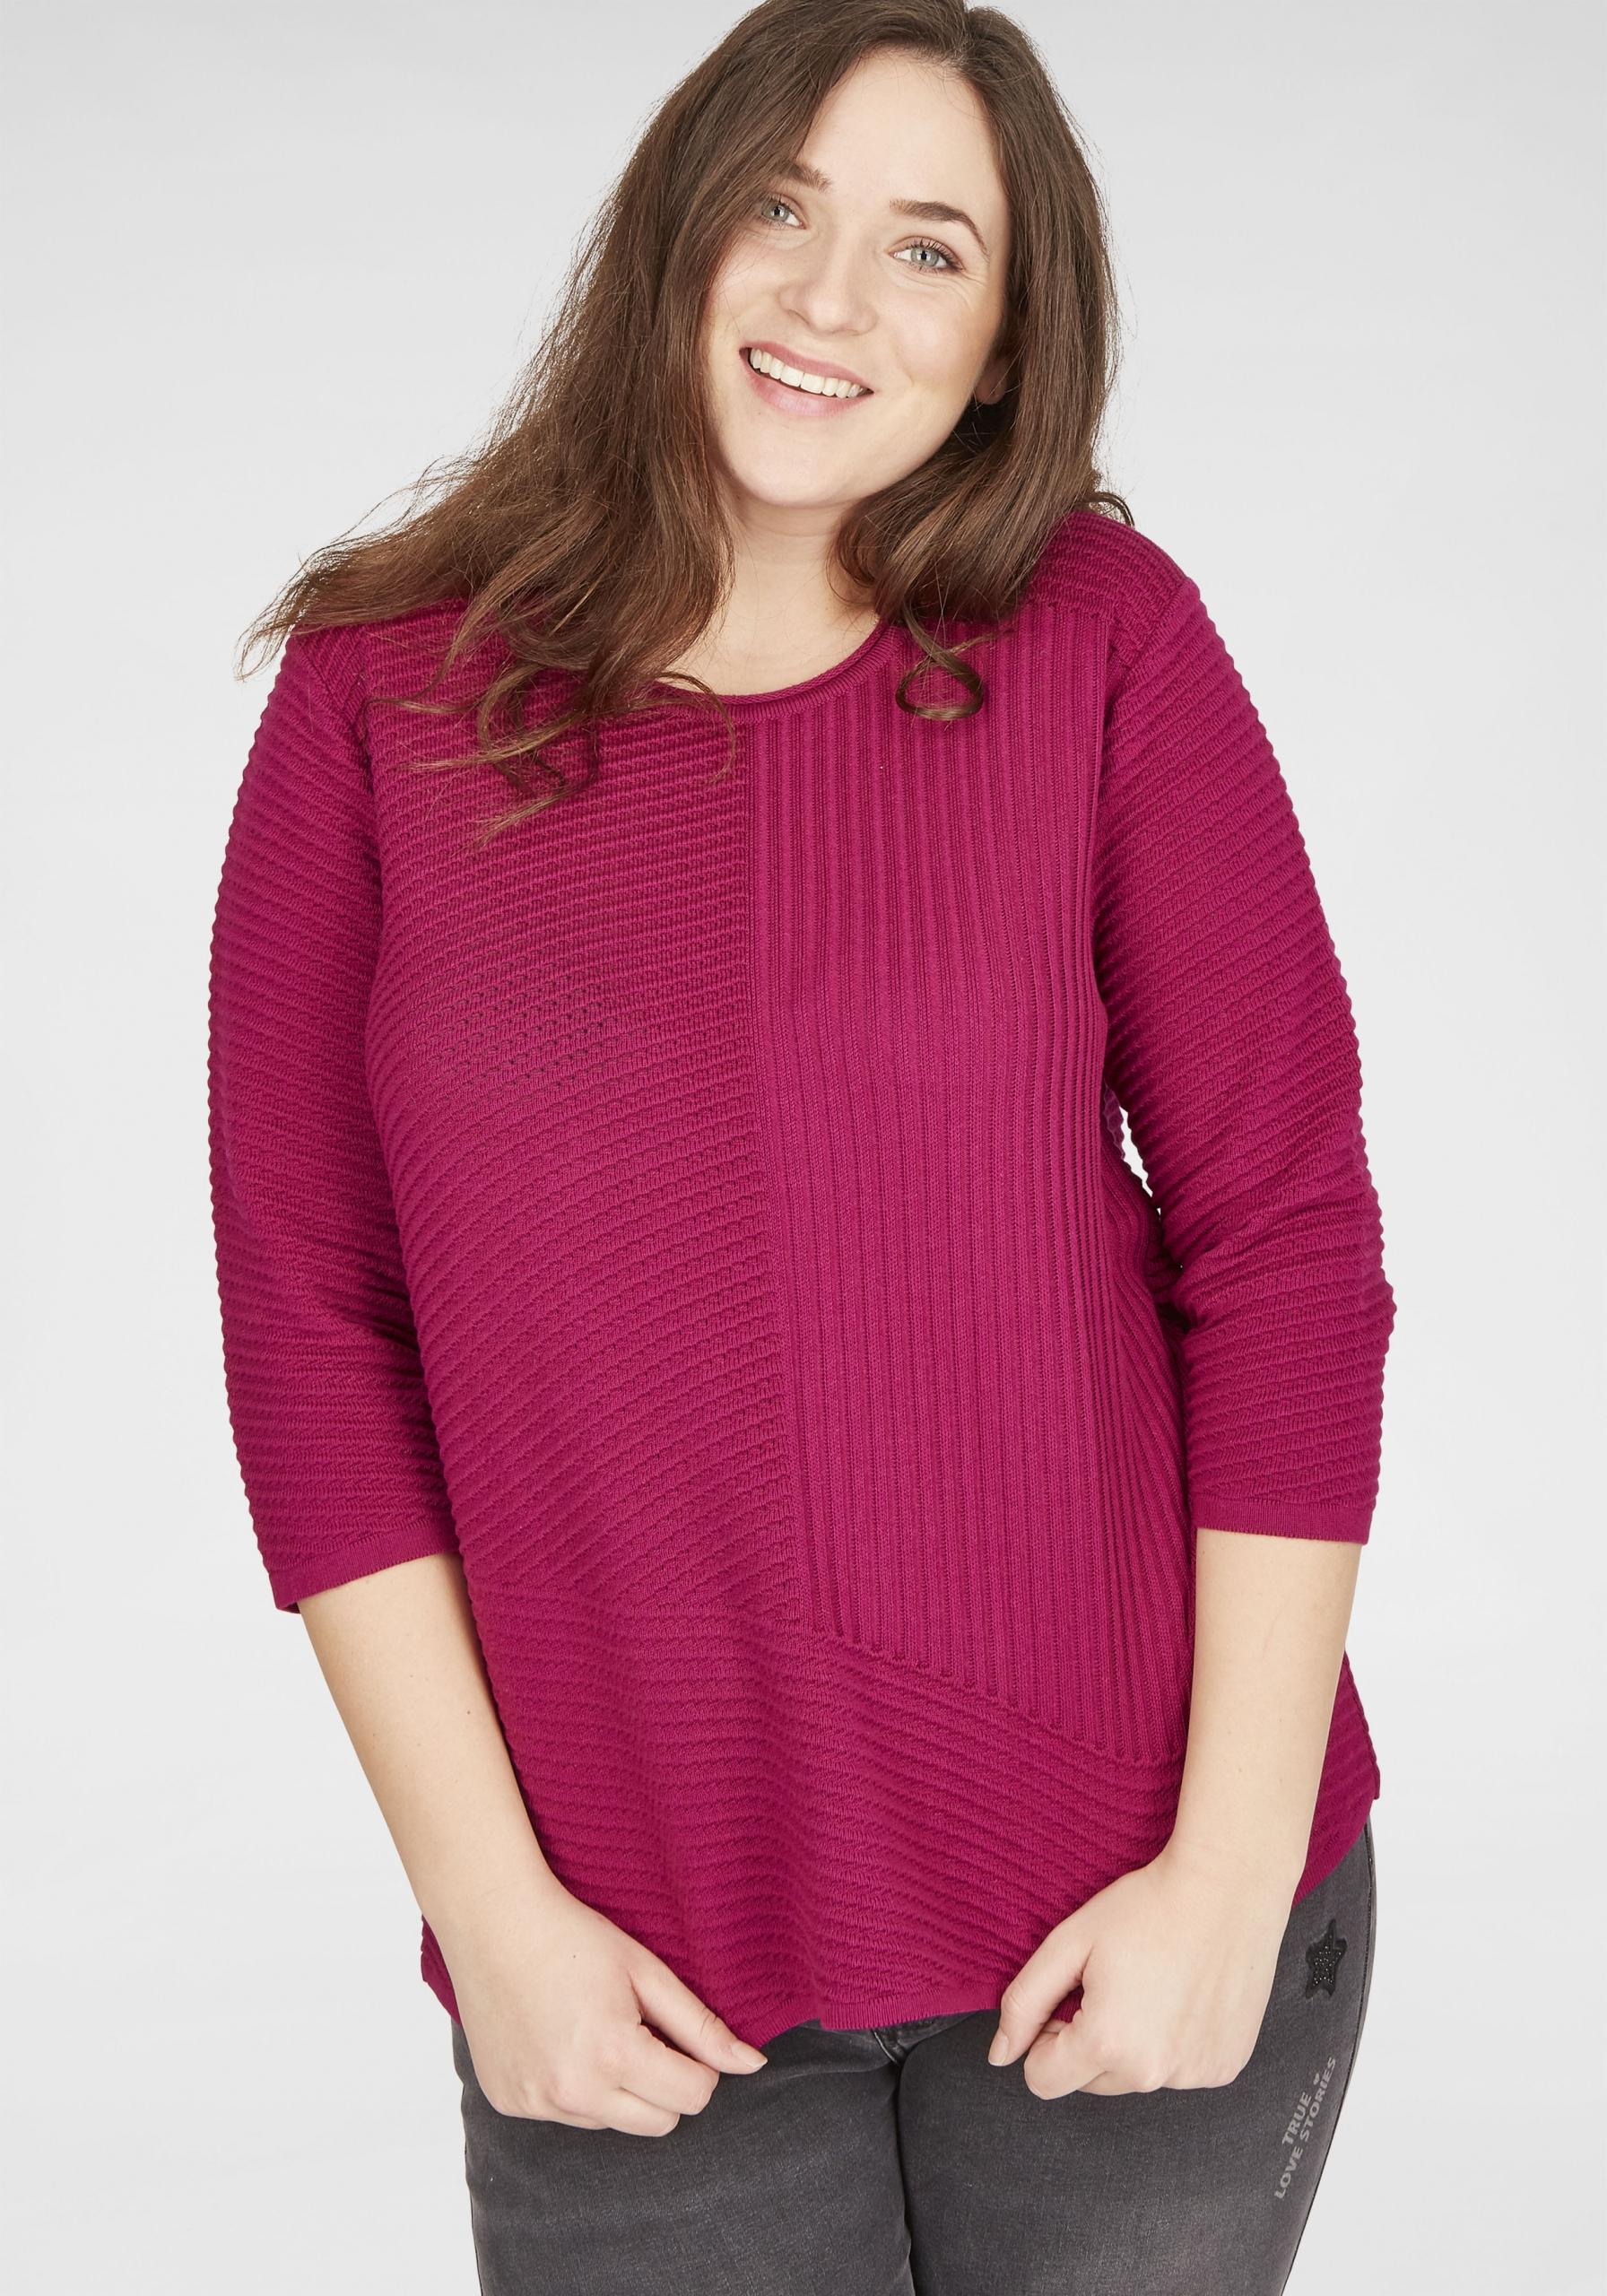 Damen Pullover mit Struktur-Design in großen Größen